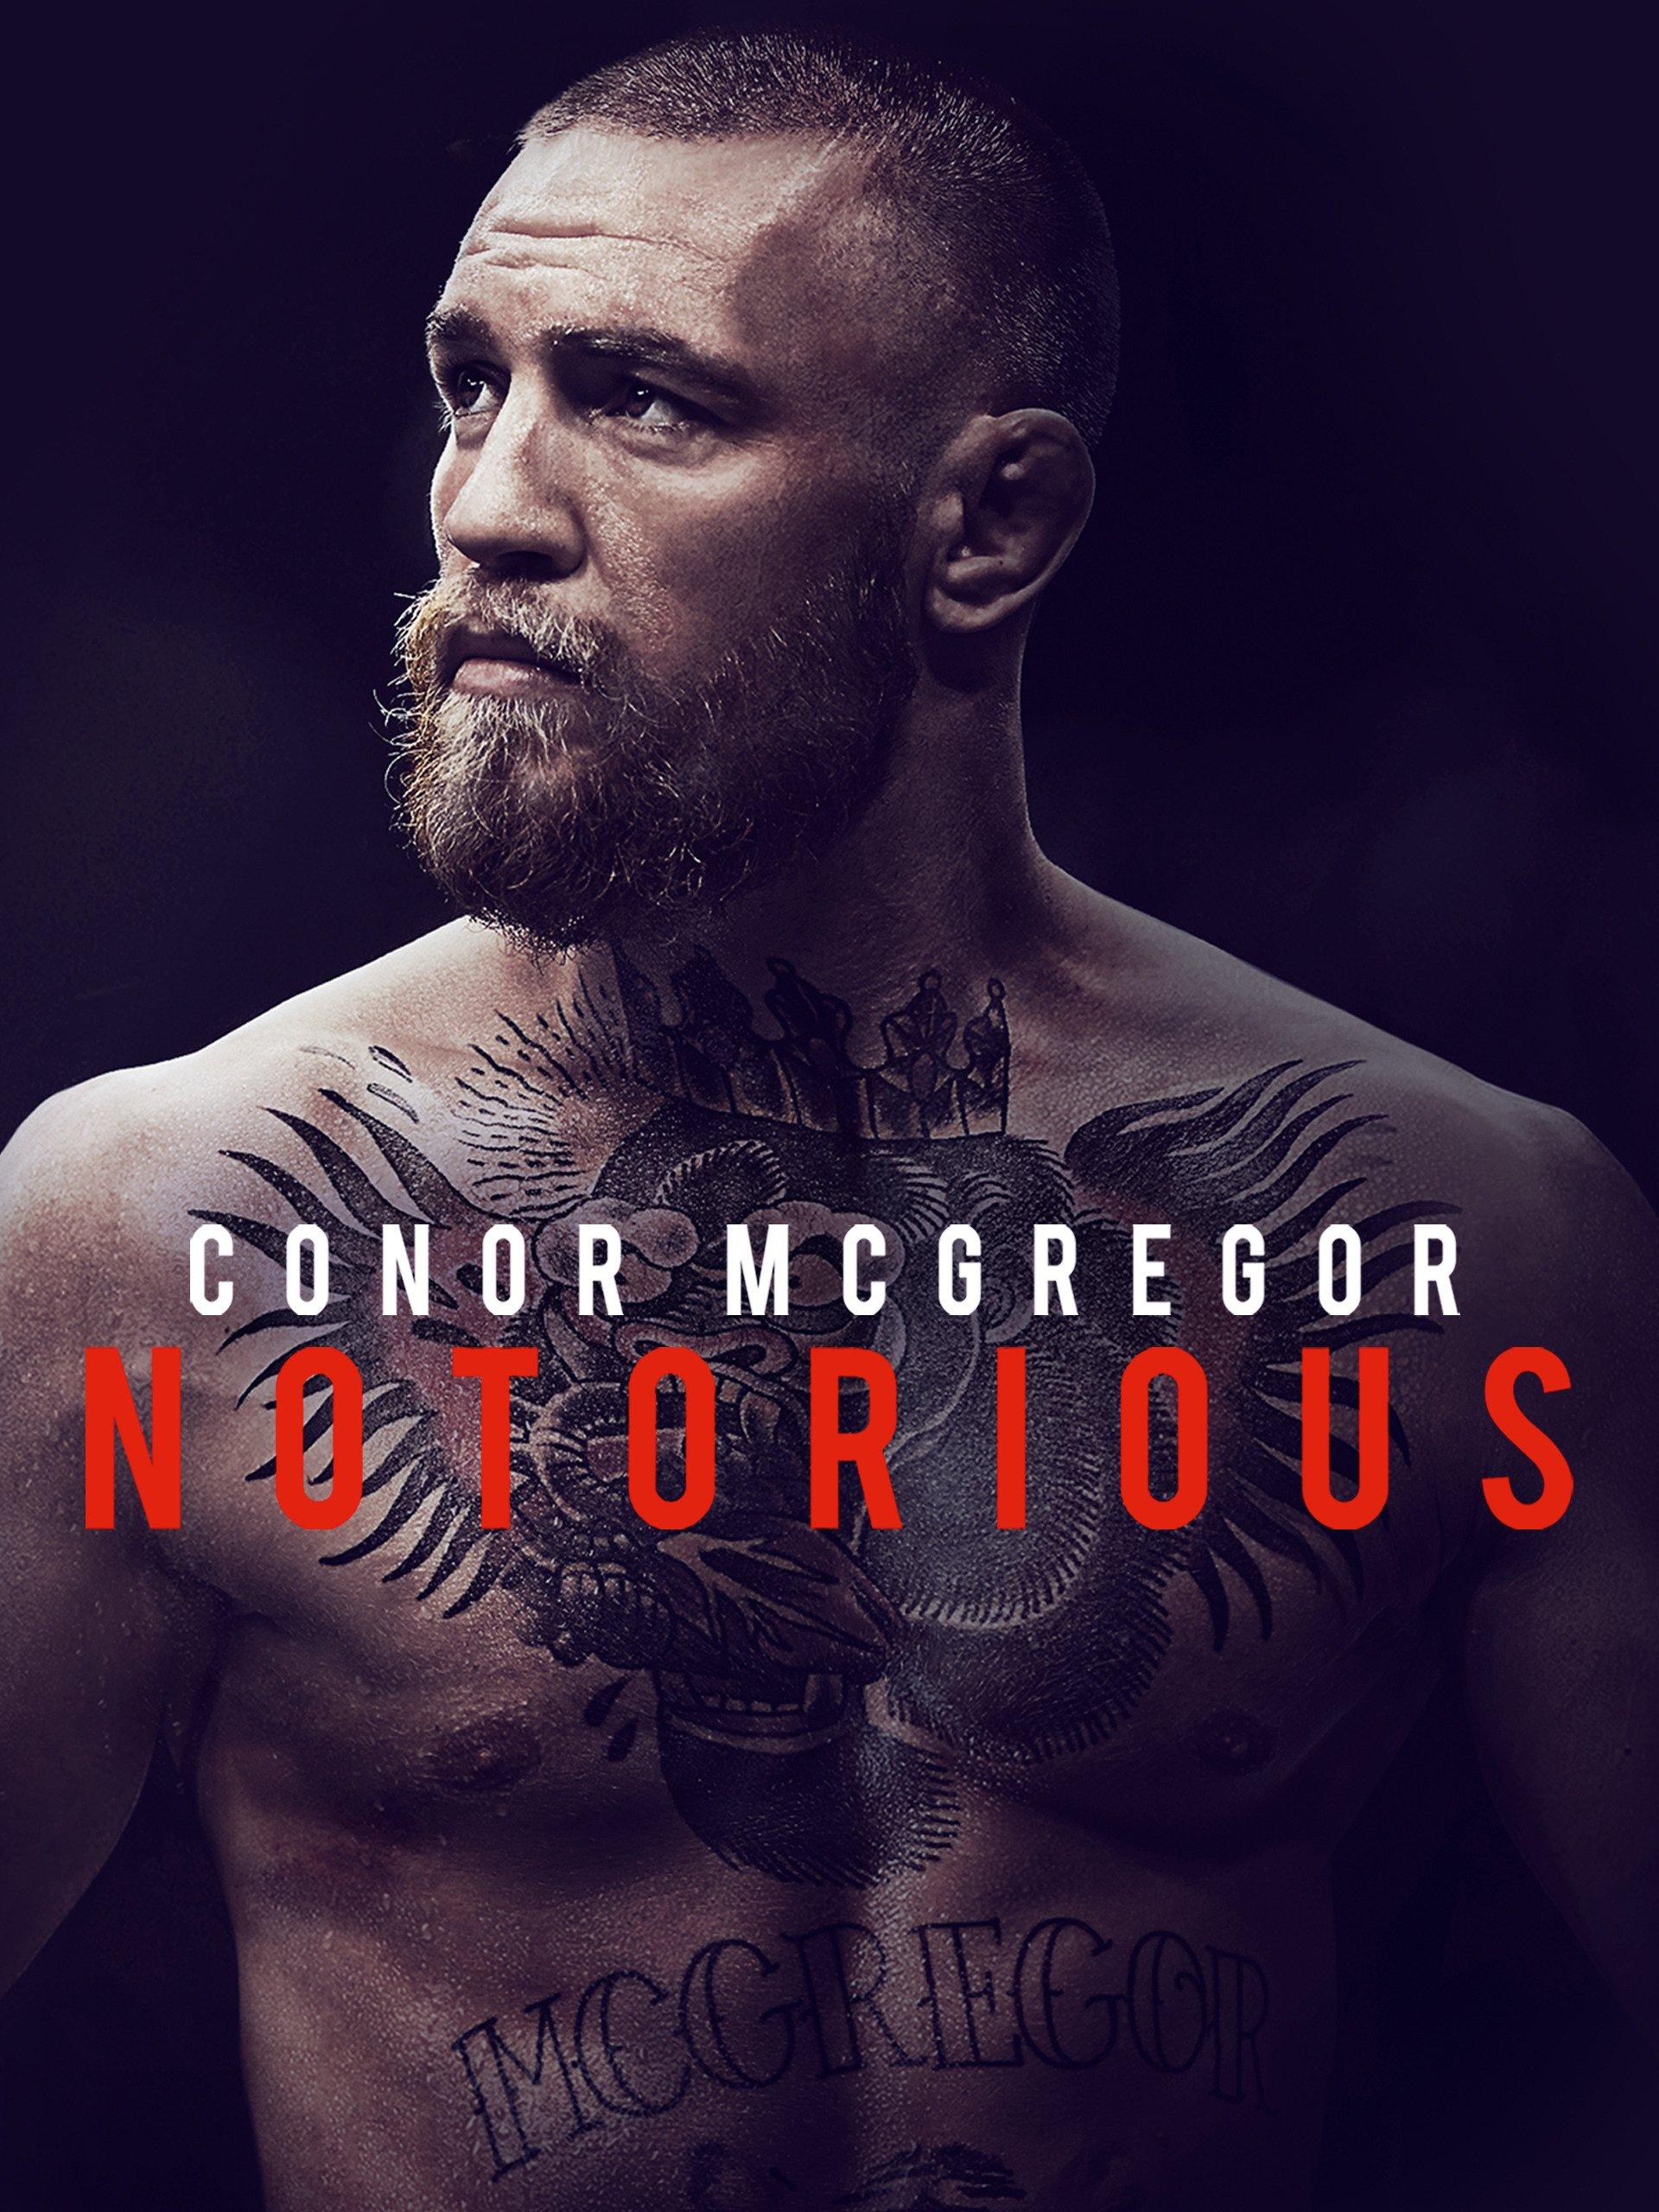 f0dfd6dedf8b7 Amazon.co.uk: Watch Conor McGregor: Notorious | Prime Video